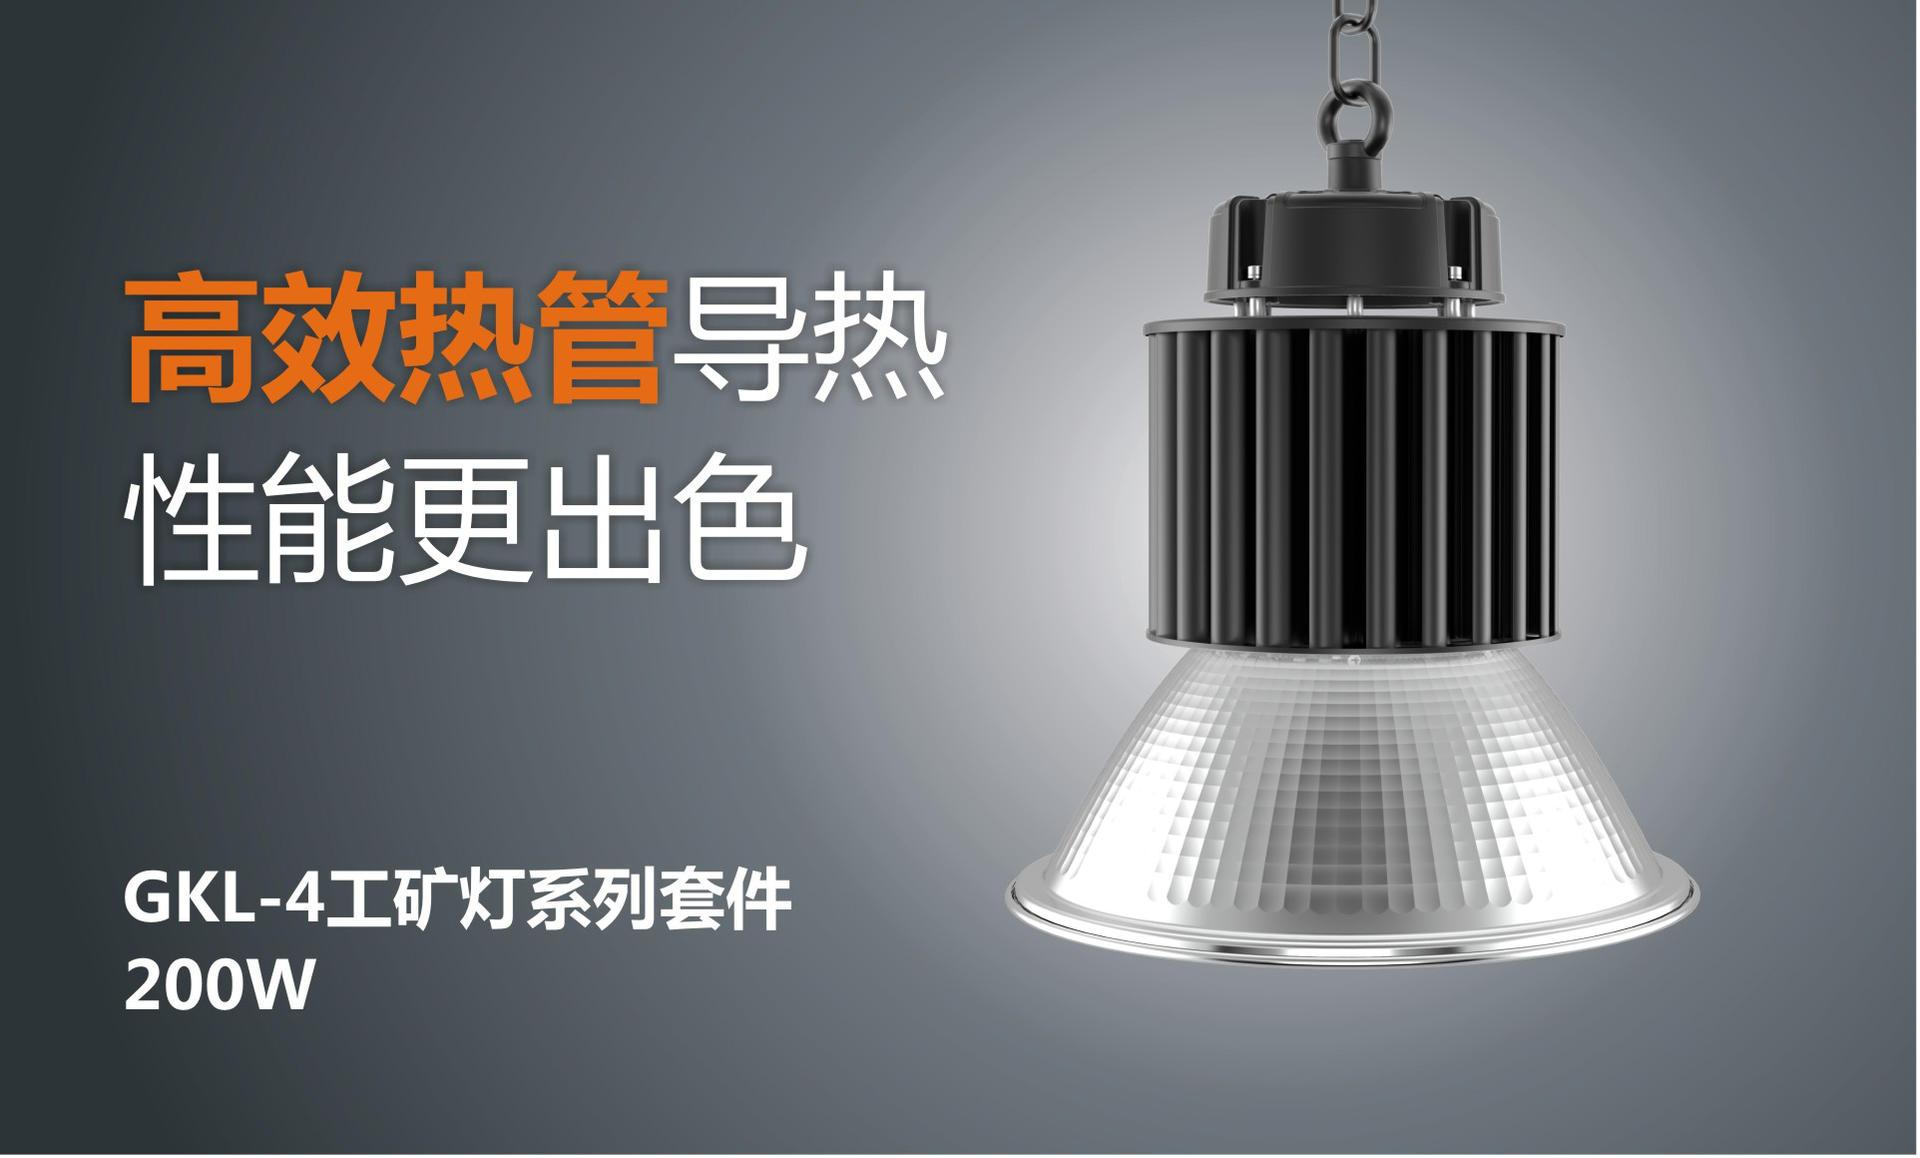 工矿灯 飞利浦工矿灯 厂房灯 LED工矿灯